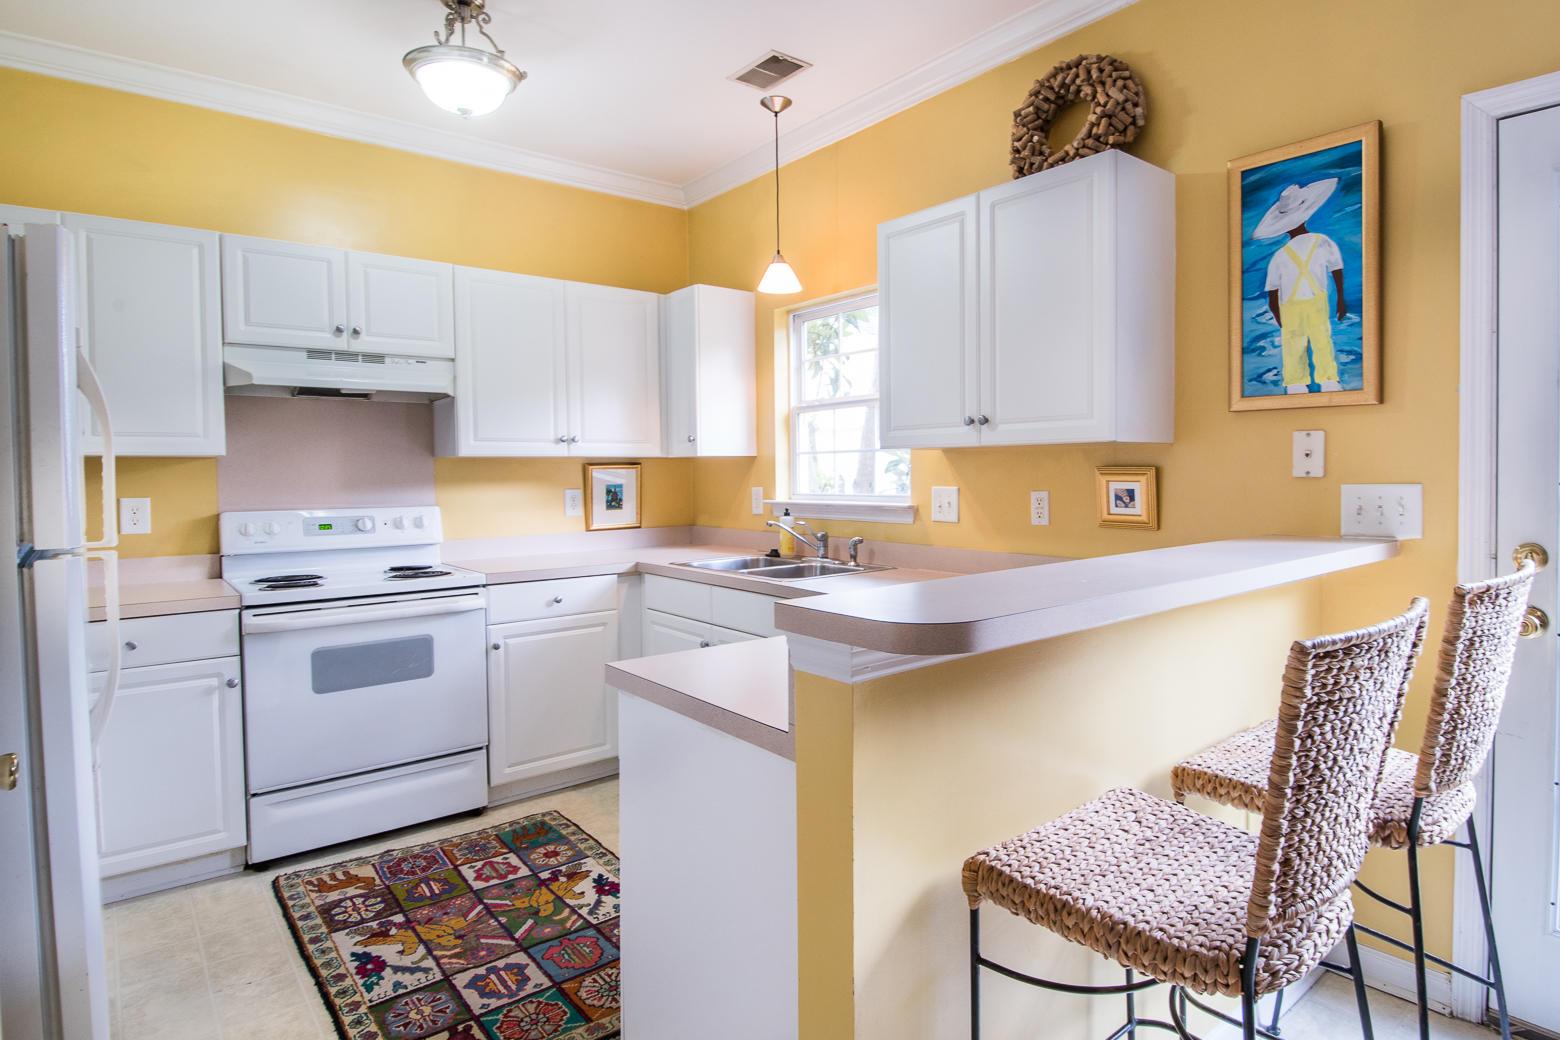 Jamestowne Village Homes For Sale - 1445 Swamp Fox, Charleston, SC - 13